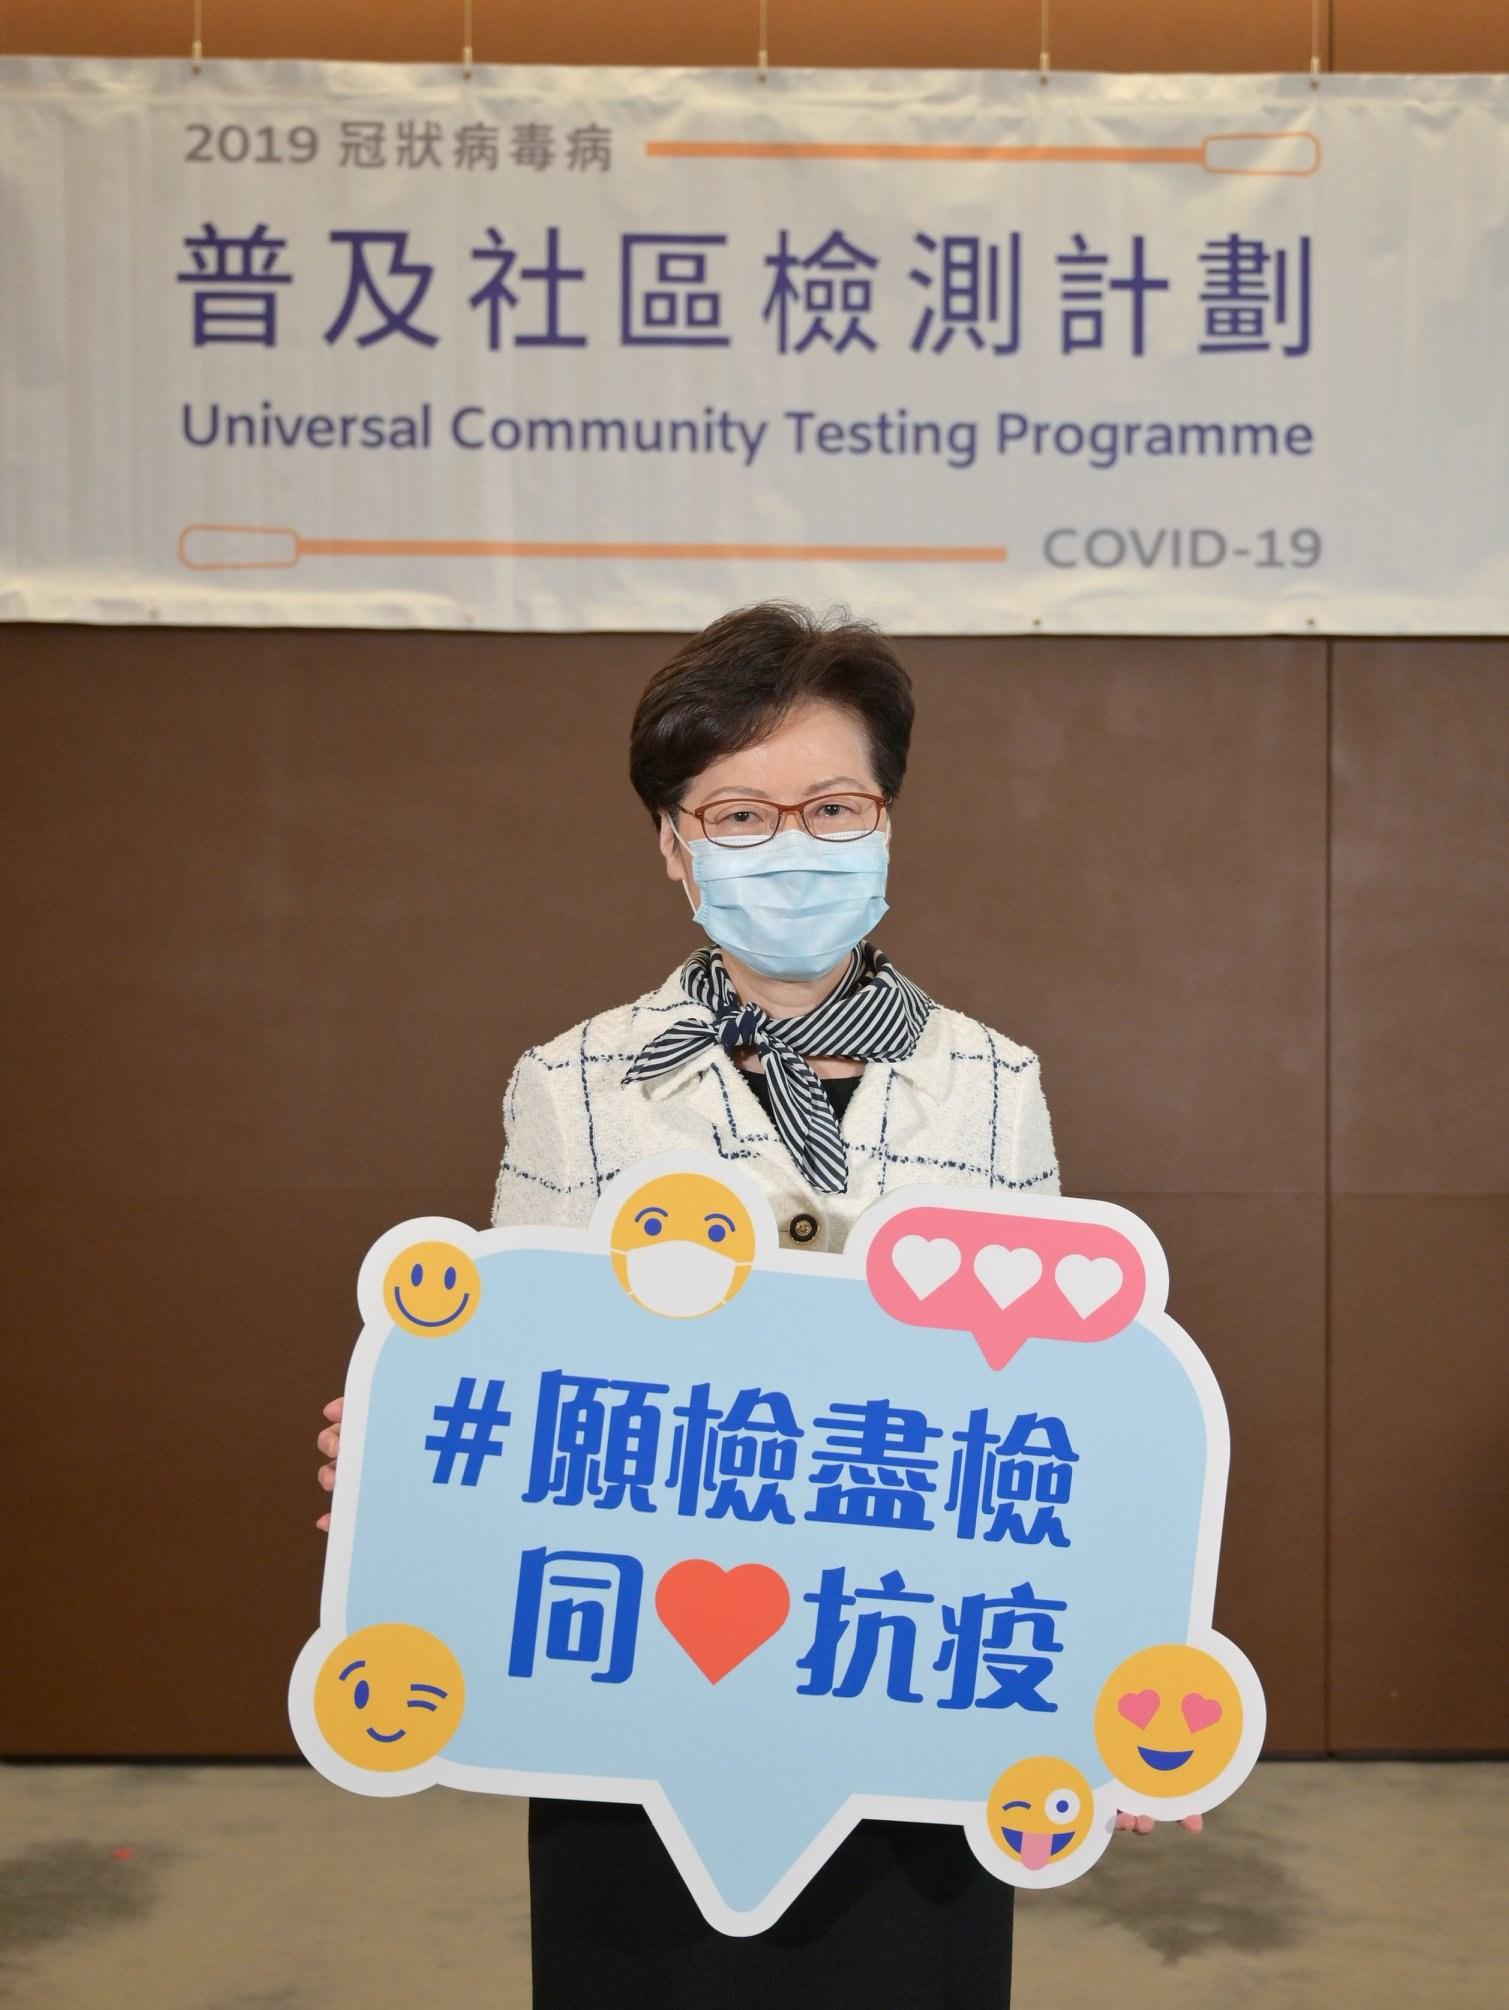 過去一個月的其中一項重要抗疫舉措,是在9月1日至14日期間進行普及社區檢測計劃。(林鄭月娥Facebook)